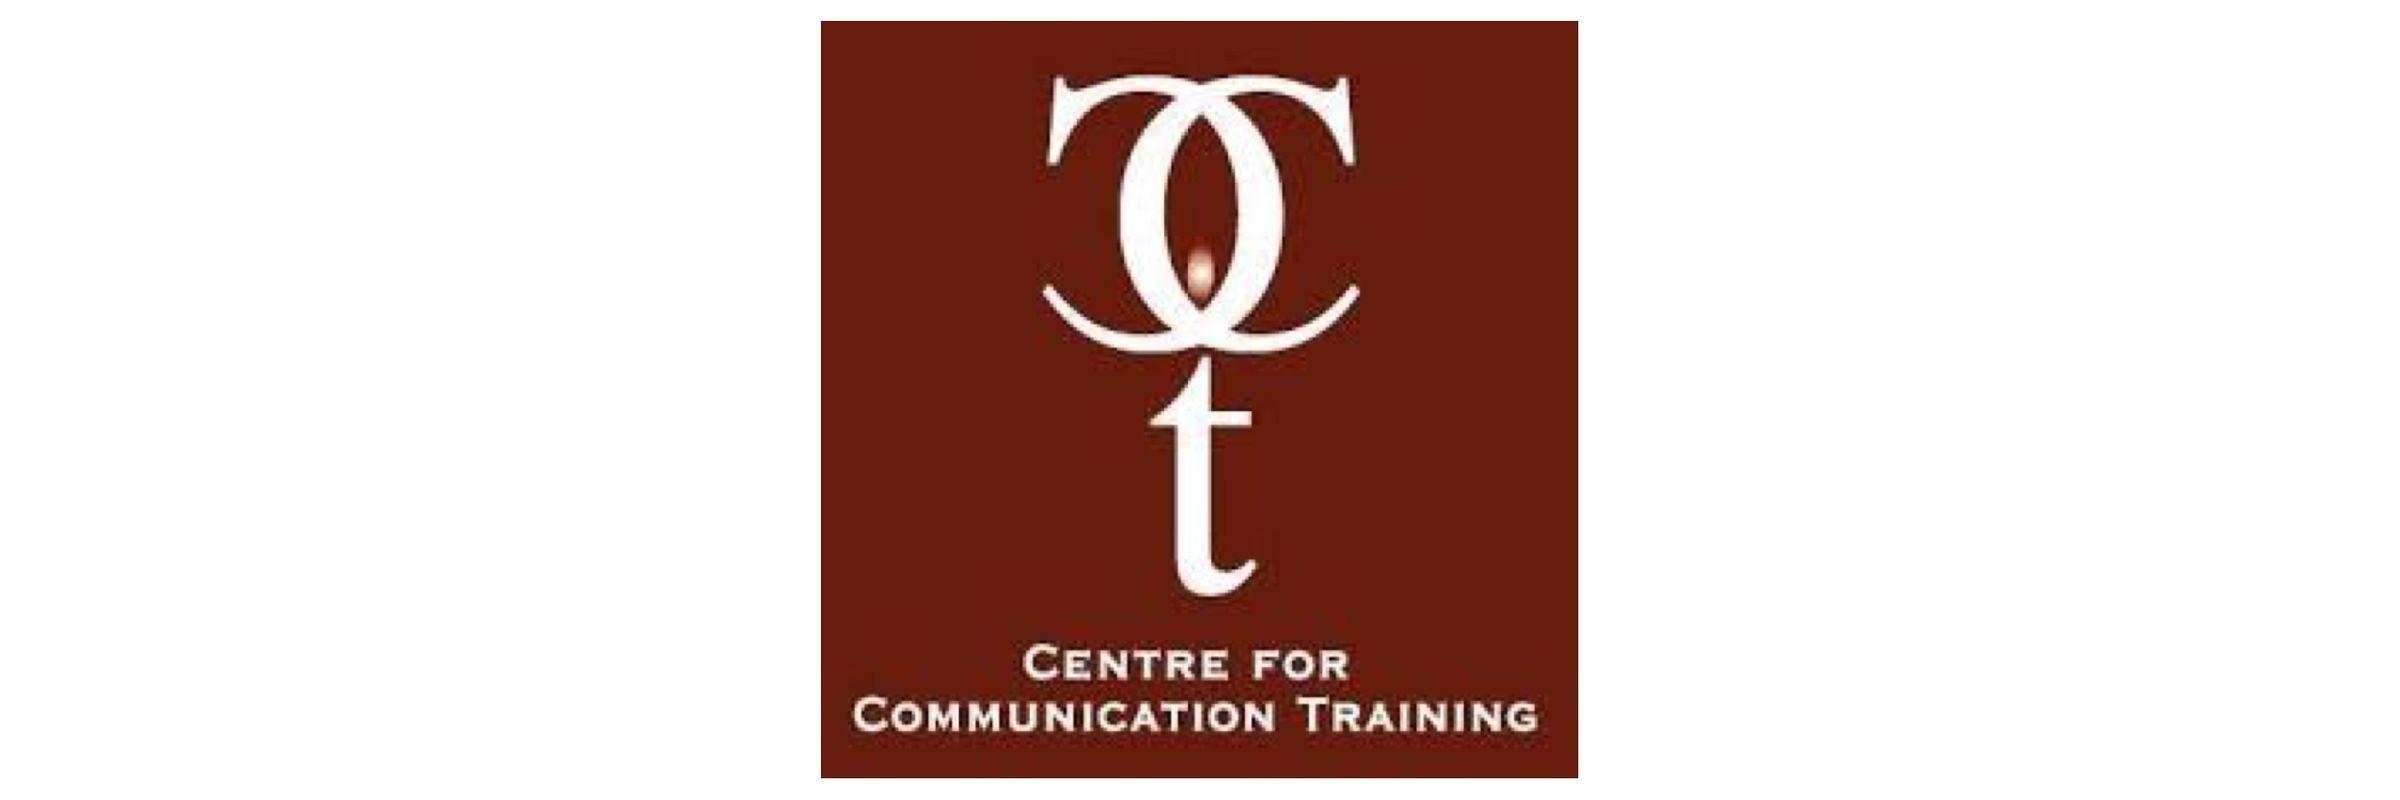 Center for Communication Learning